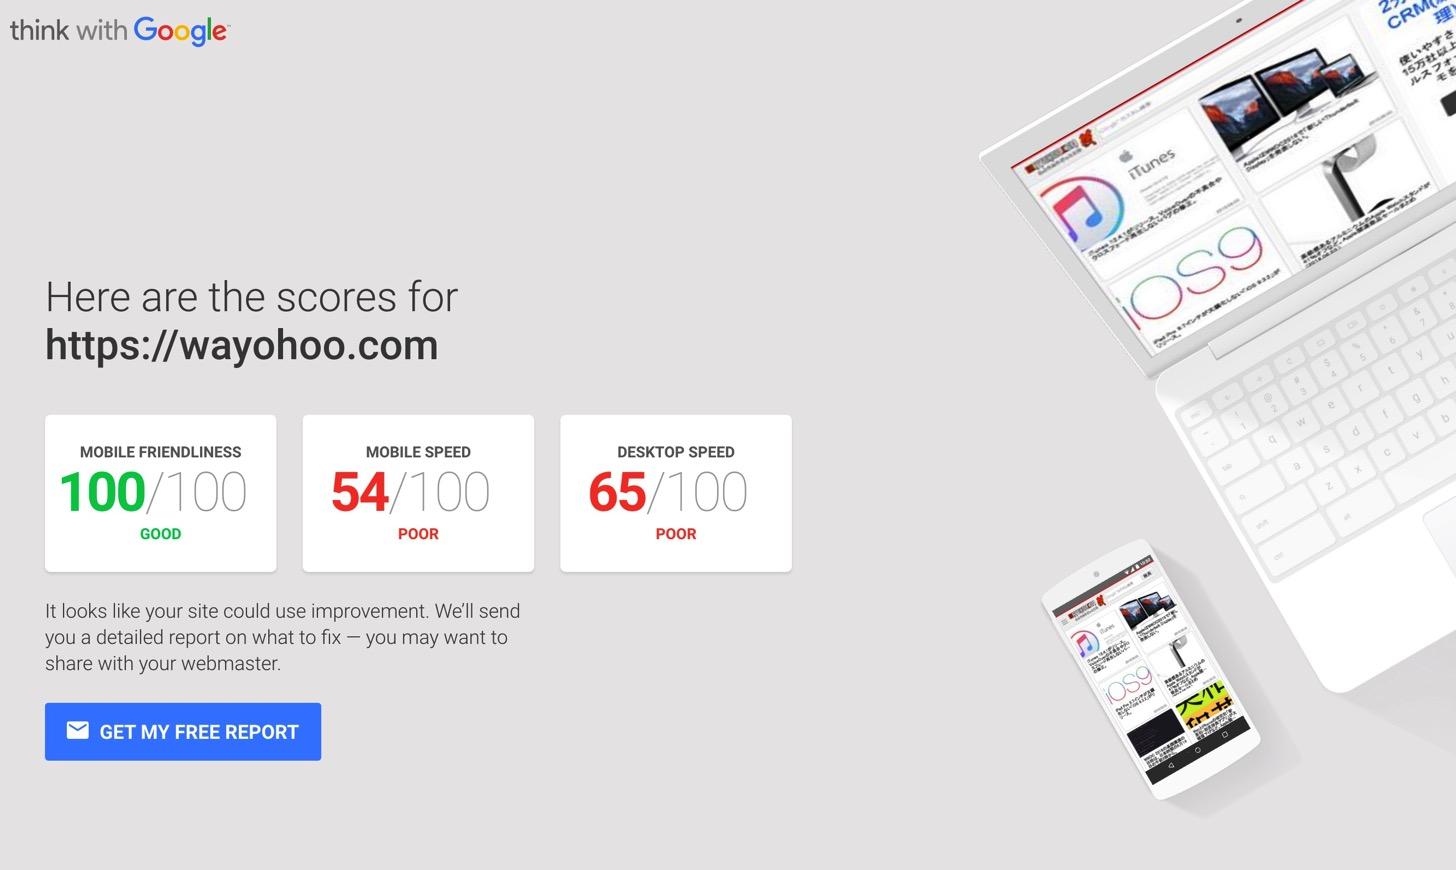 スマホページのモバイルフレンドリースコアとスマホページとPCページのスピードを表示。